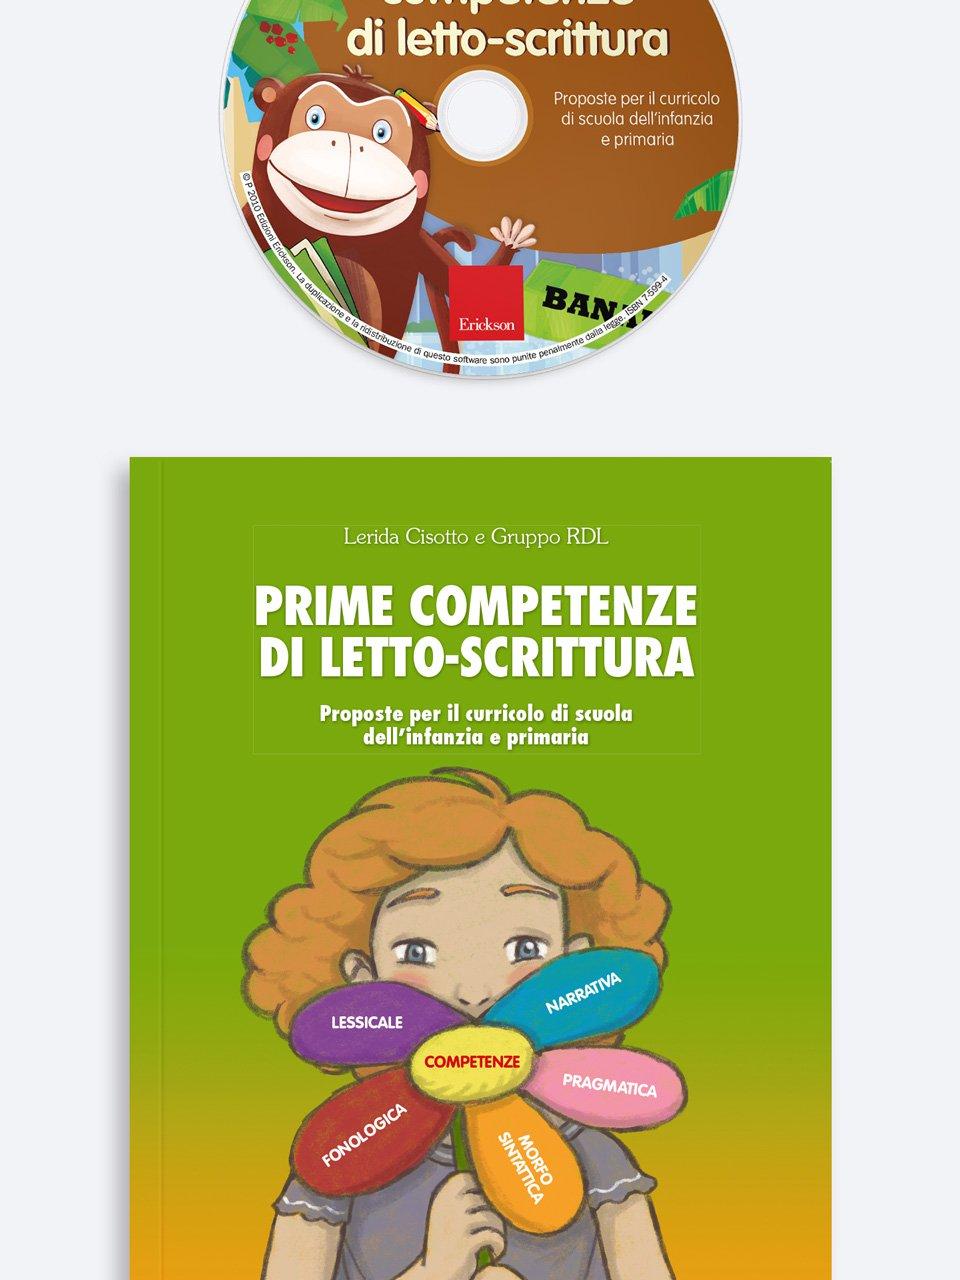 Prime competenze di letto-scrittura - Logopedia e comunicazione - Riviste - Erickson 3